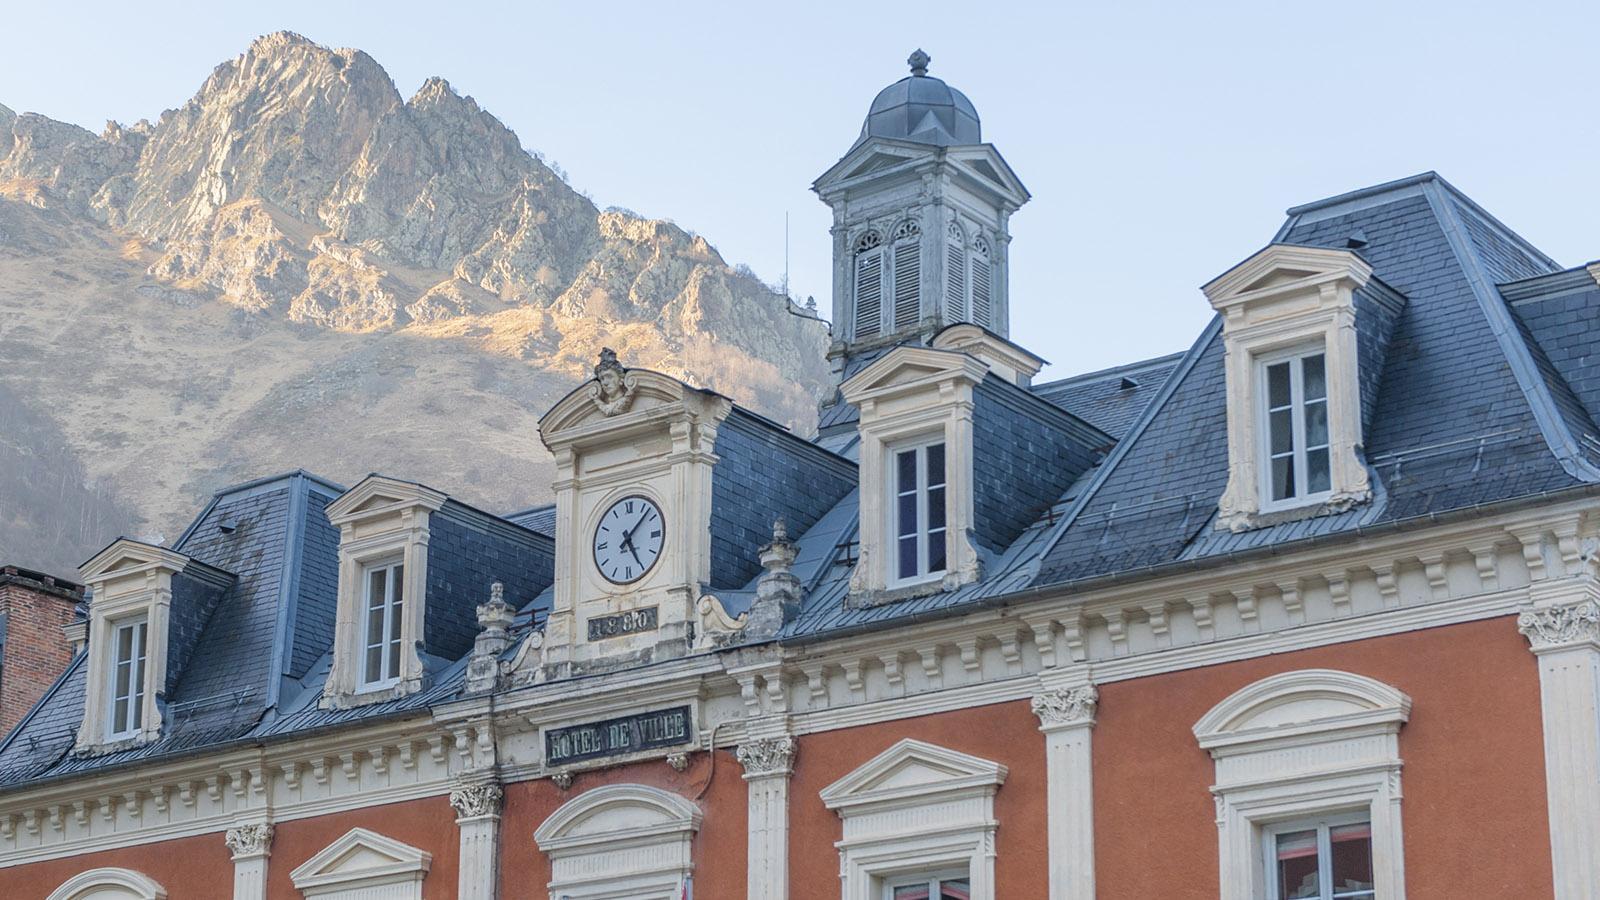 Das Rathaus von Cauterets. Foto: Hilke Maunder